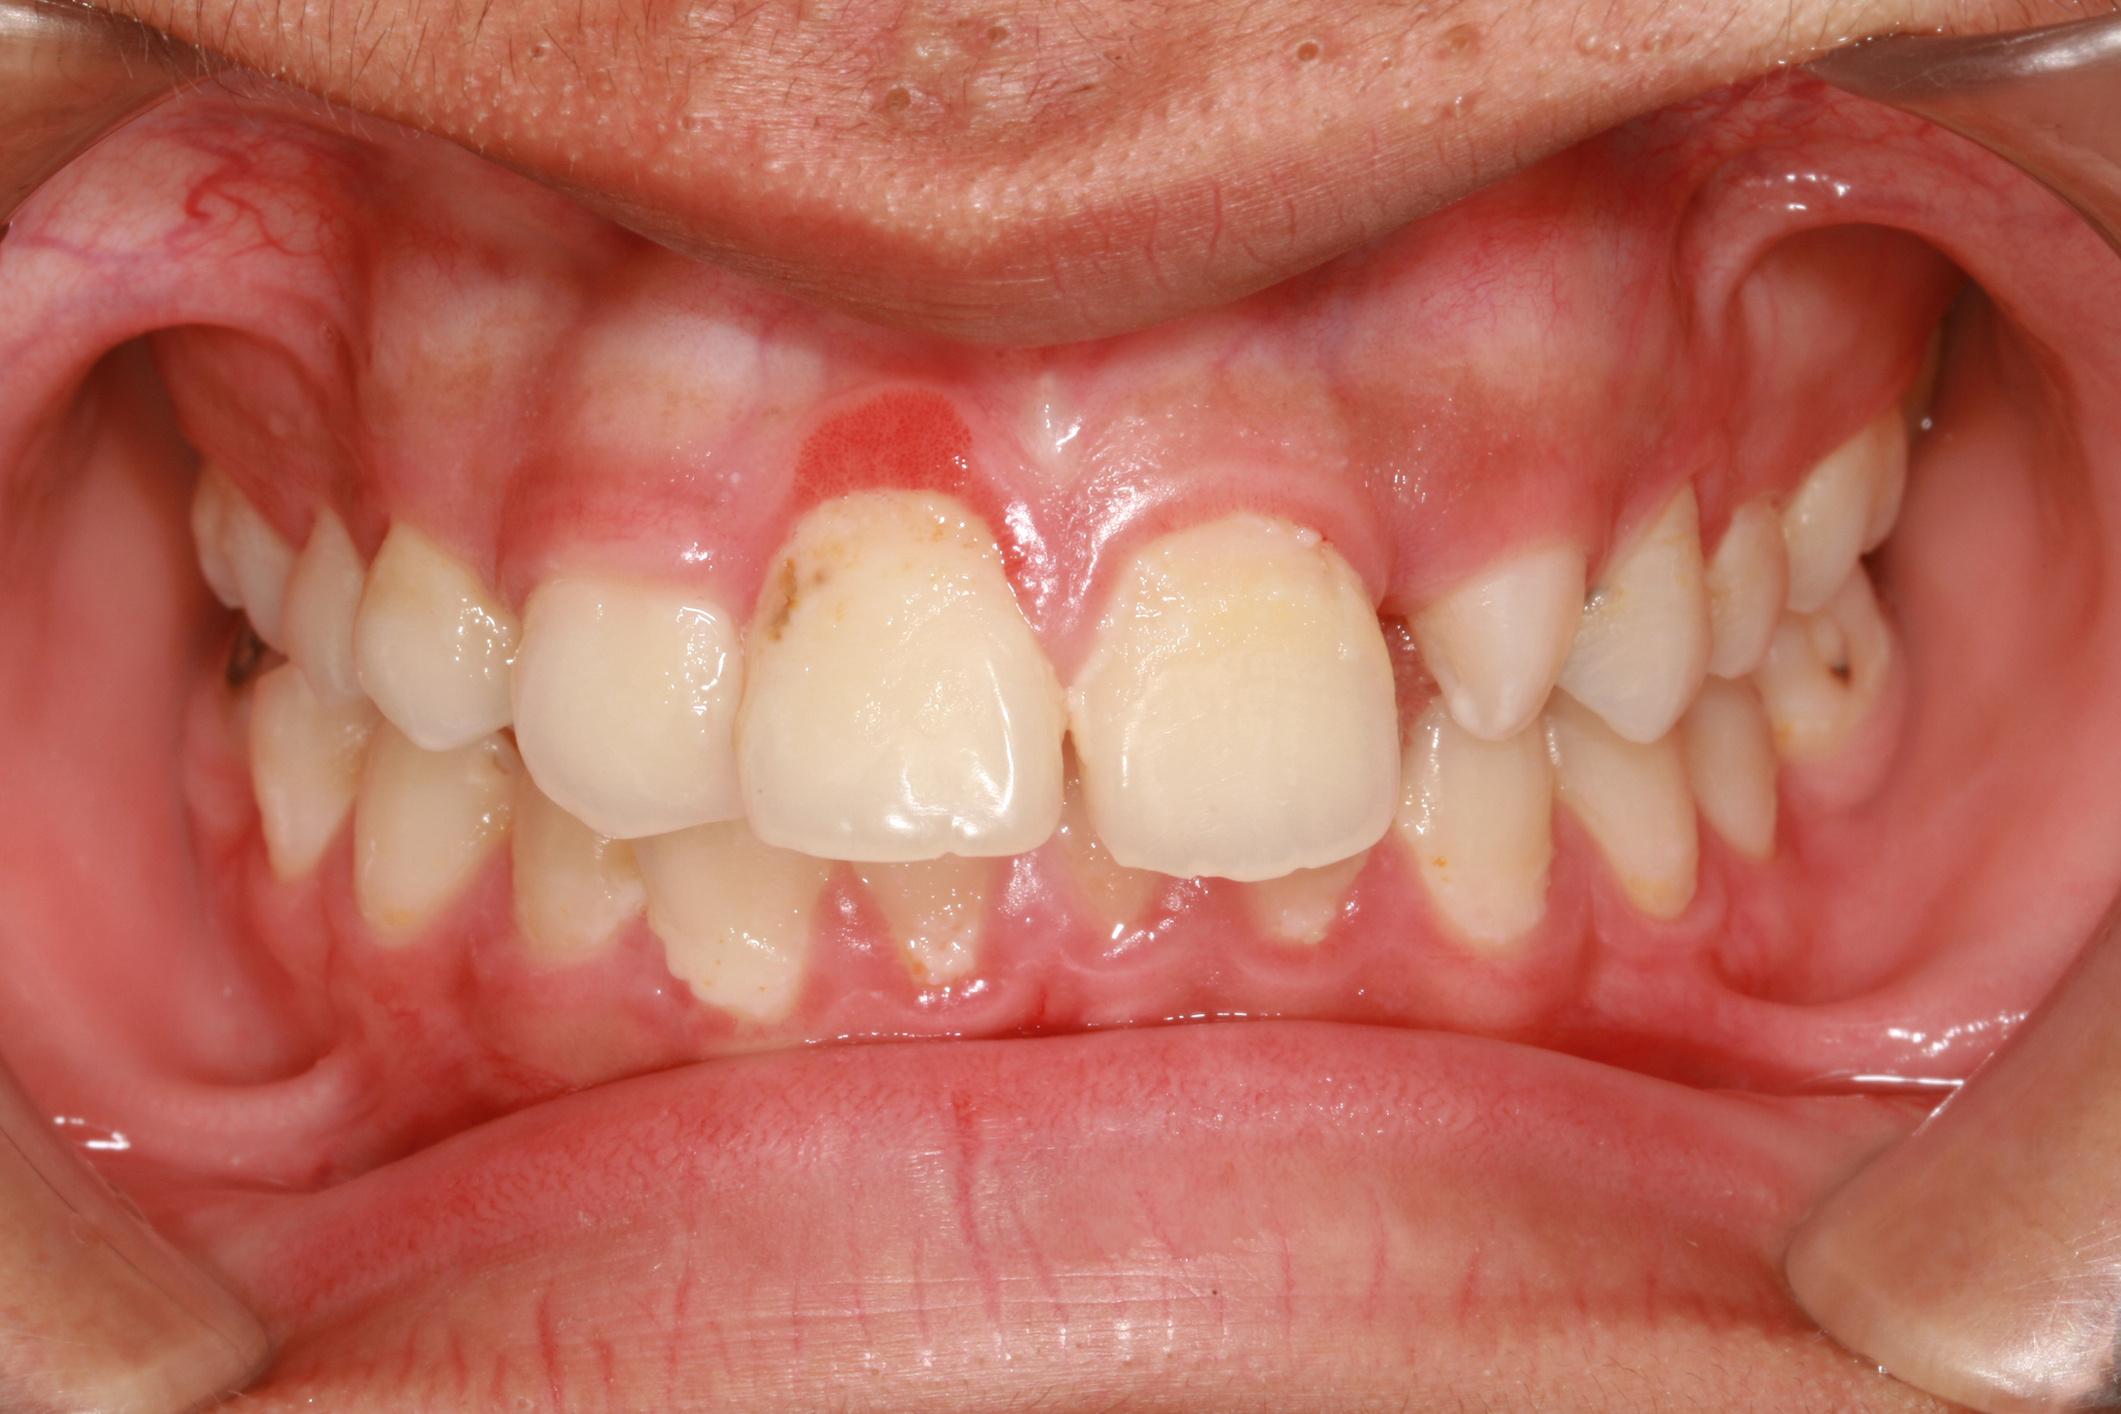 A leggyakoribb problémák a szájban - HáziPatika